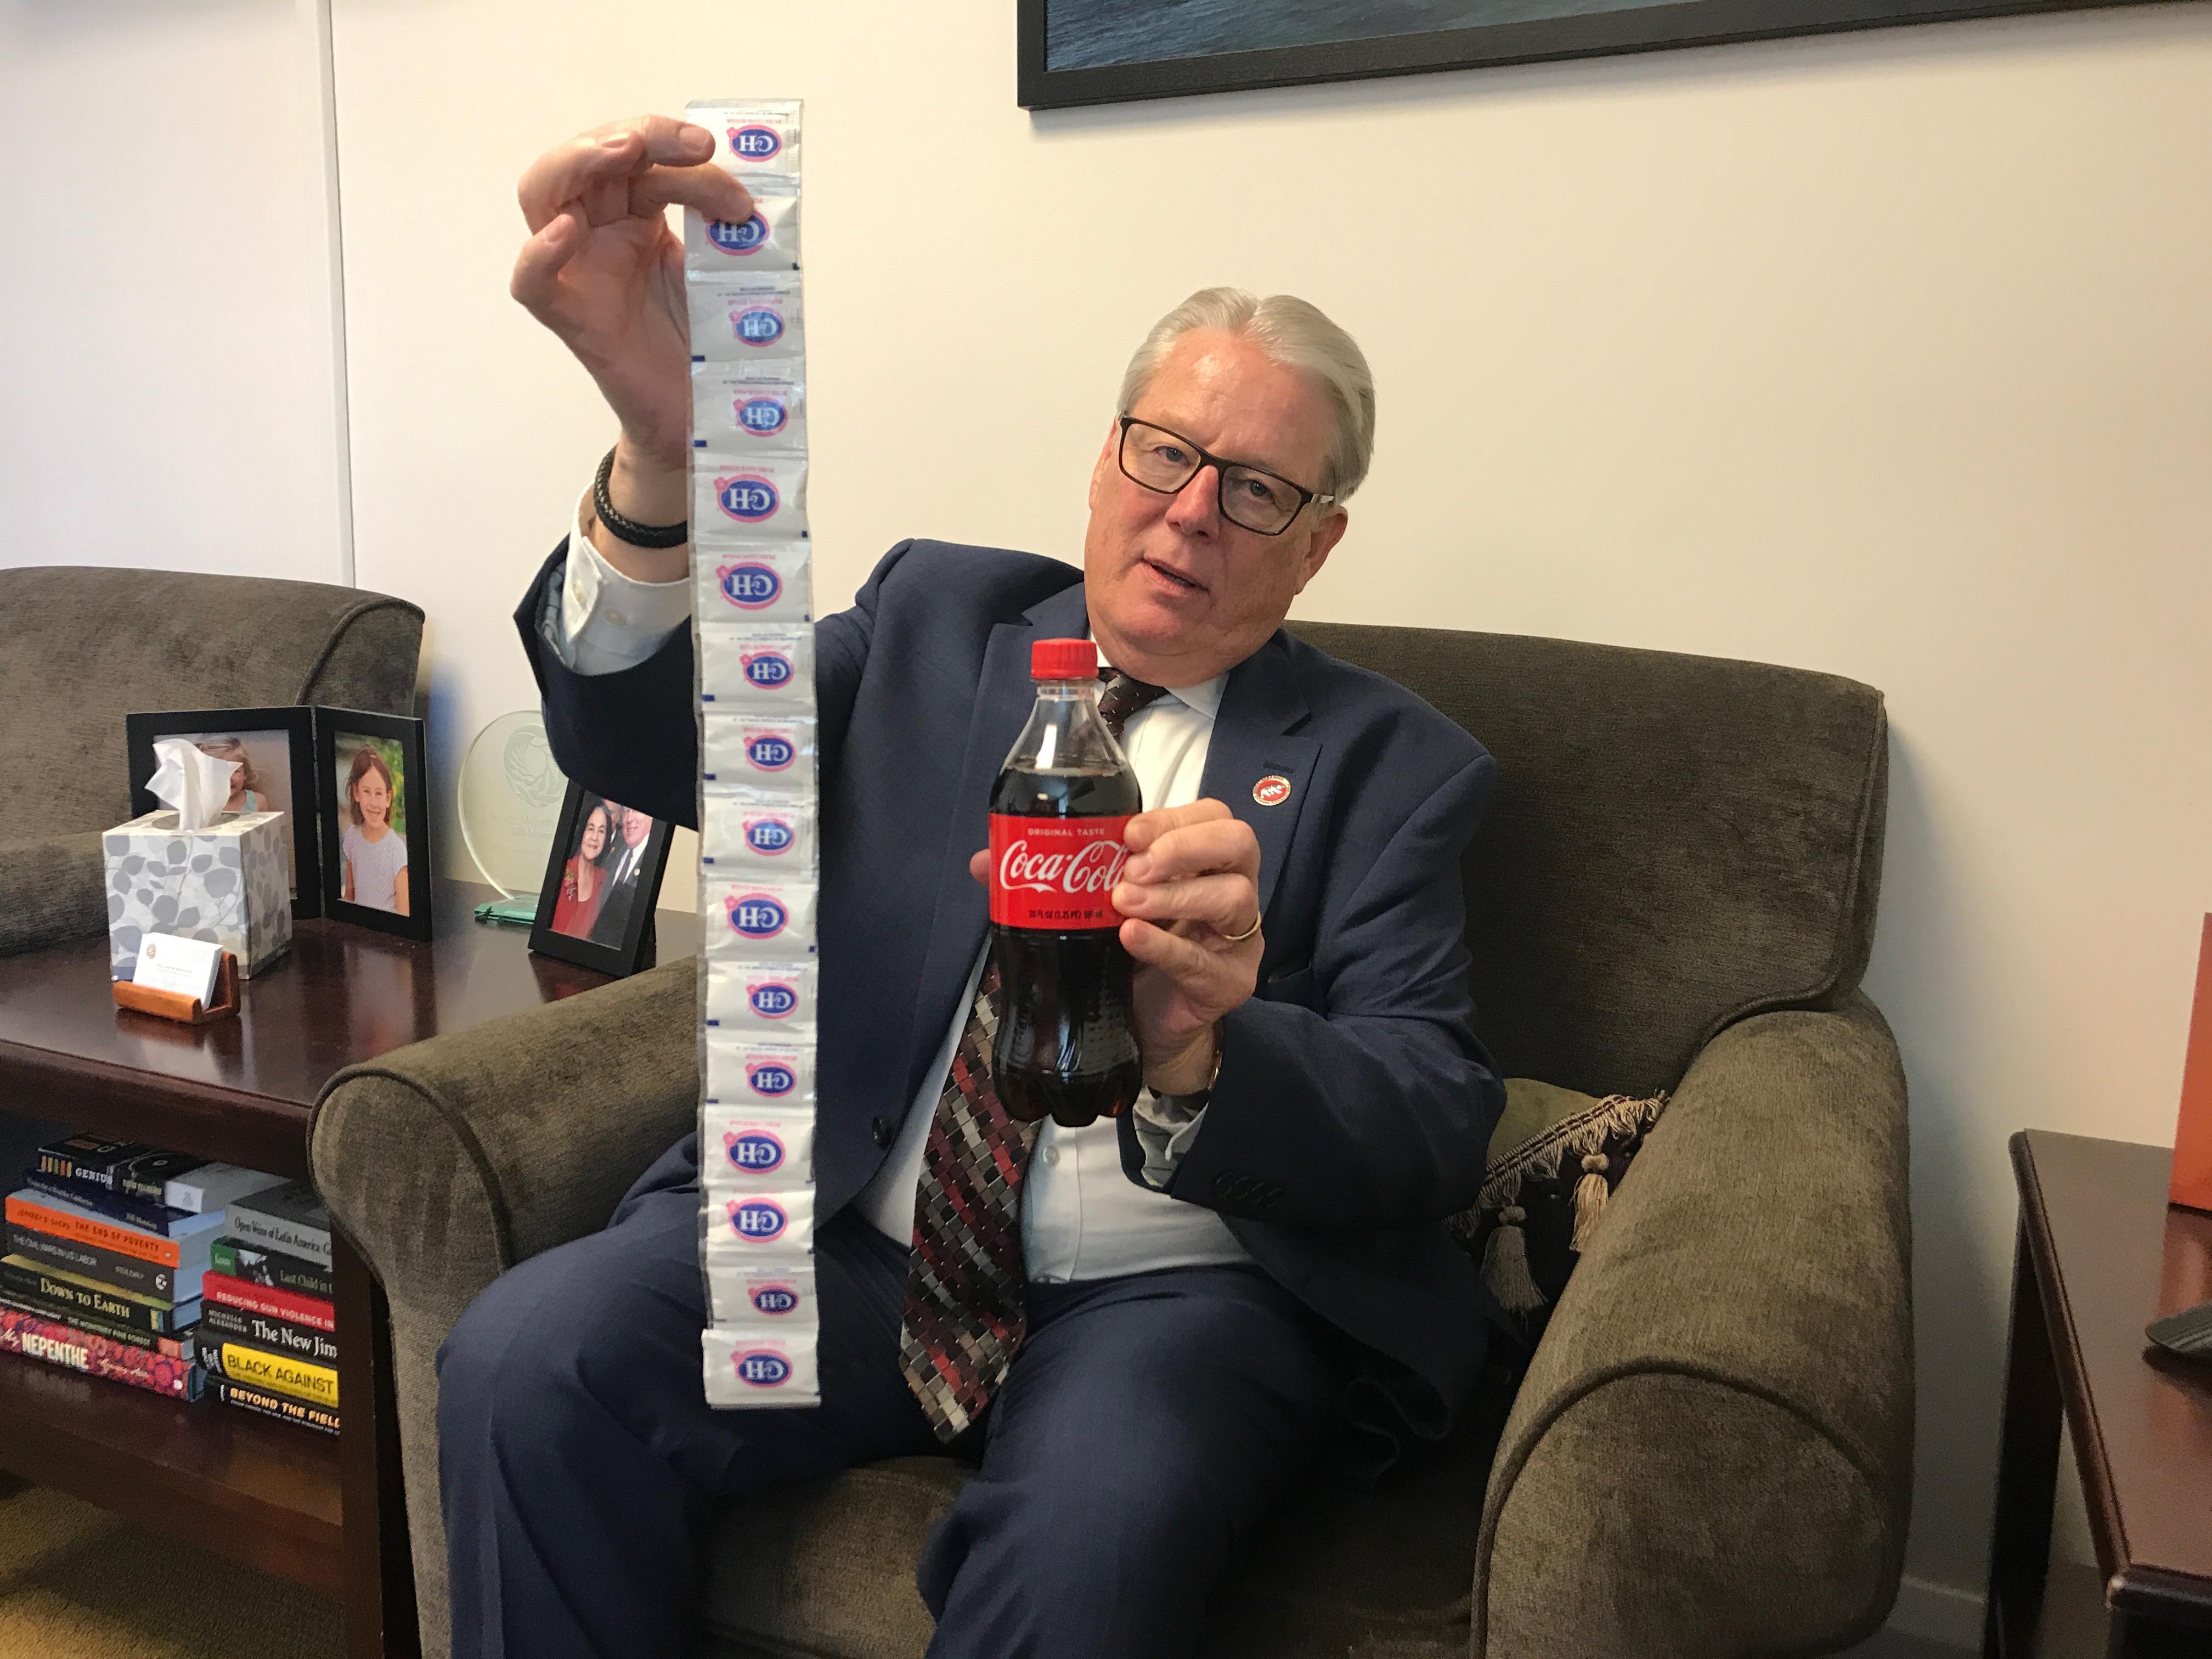 Senador demócrata de Carmel, California, Bill Monning muestra la cantidad de azúcar en una botella de 20 onzas de Coca-Cola. Monning está impulsando una legislación que pondría etiquetas de advertencia de salud en las bebidas azucaradas. Describe a la industria de los refrescos como una gran influencia en la política de California. Foto: Samantha Young / Kaiser Health News